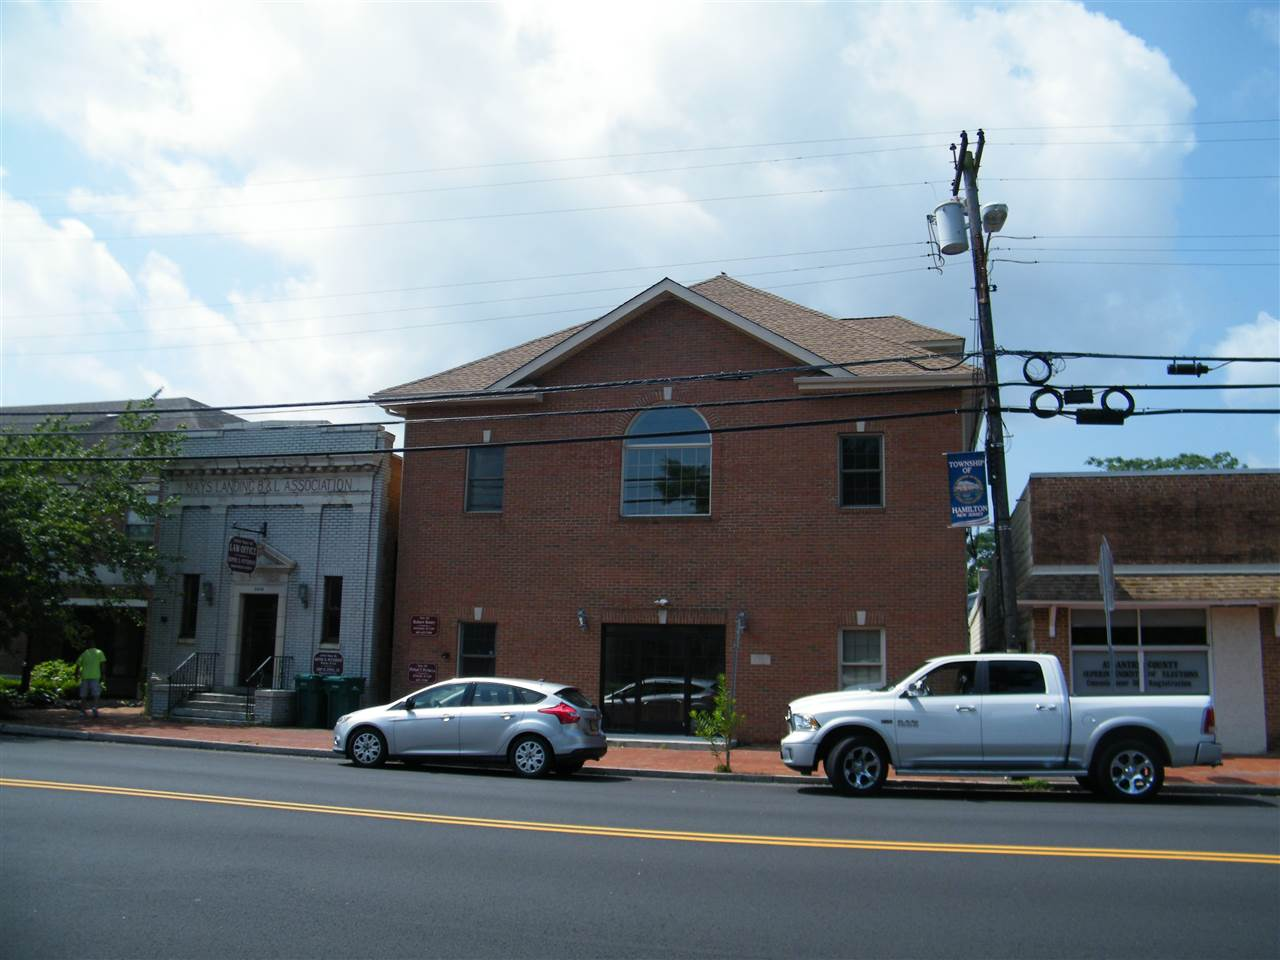 primary photo for 5918 MAIN Street, Hamilton Township, NJ 08330, US